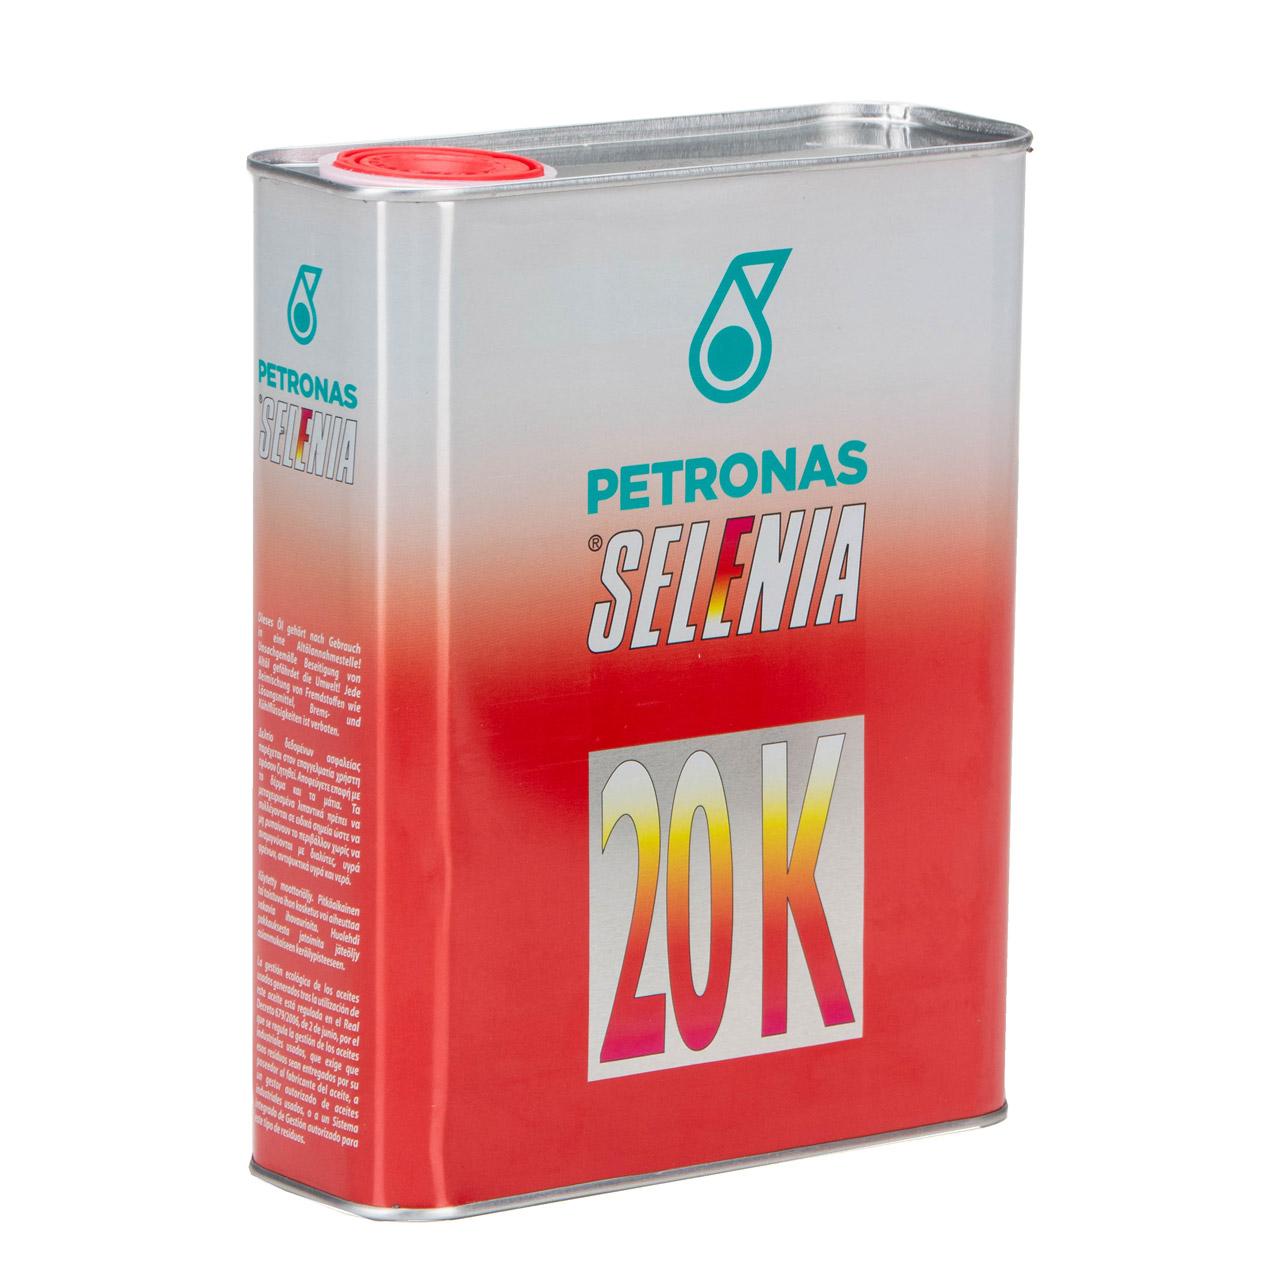 PETRONAS SELENIA Motoröl Öl 20 K 10W-40 10W40 Fat 9.5535-G2/2015 - 2L 2 Liter